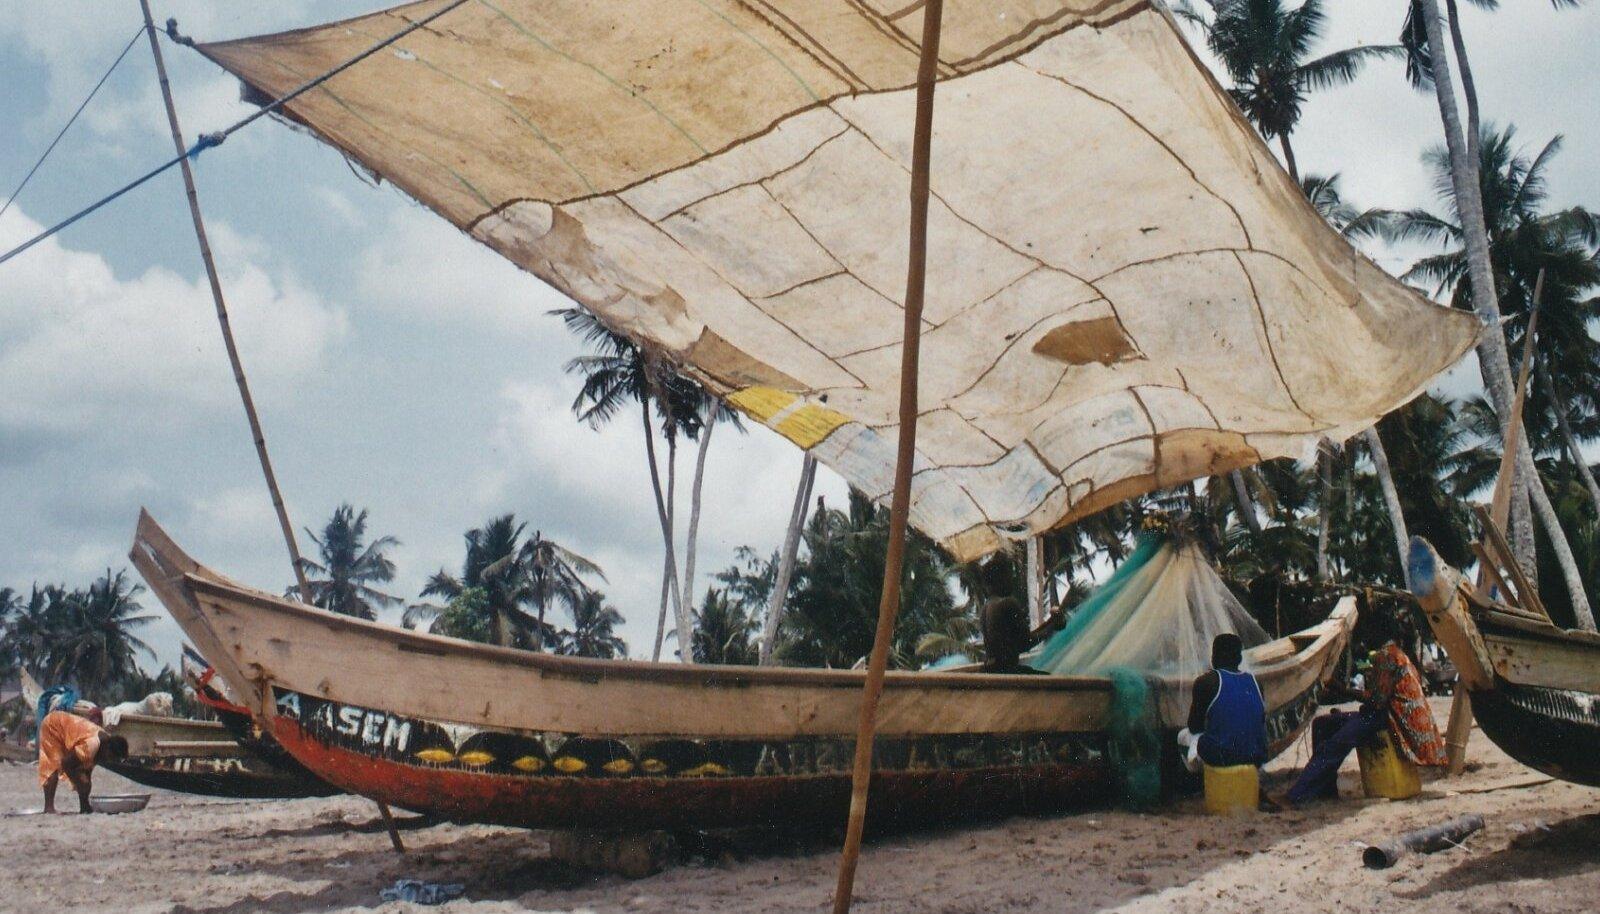 Välisreis, välismaa, paat, laev, palmid